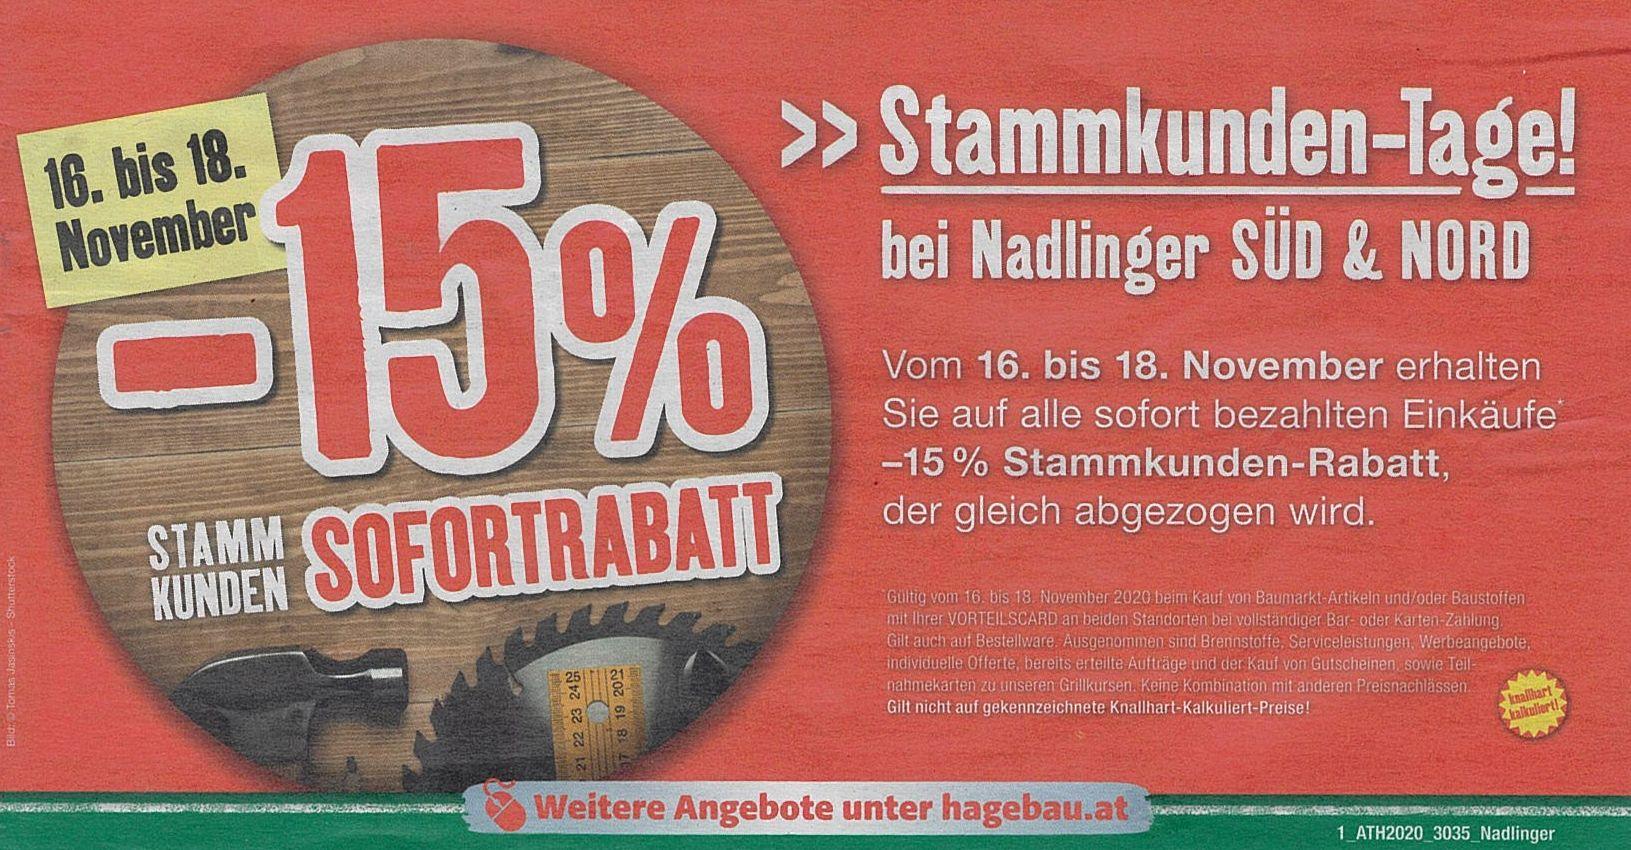 [Lokal] Hagebaumarkt ÖBAU-Nadlinger St.Pölten: -15% Stammkundentage 16.11. - 18.11.